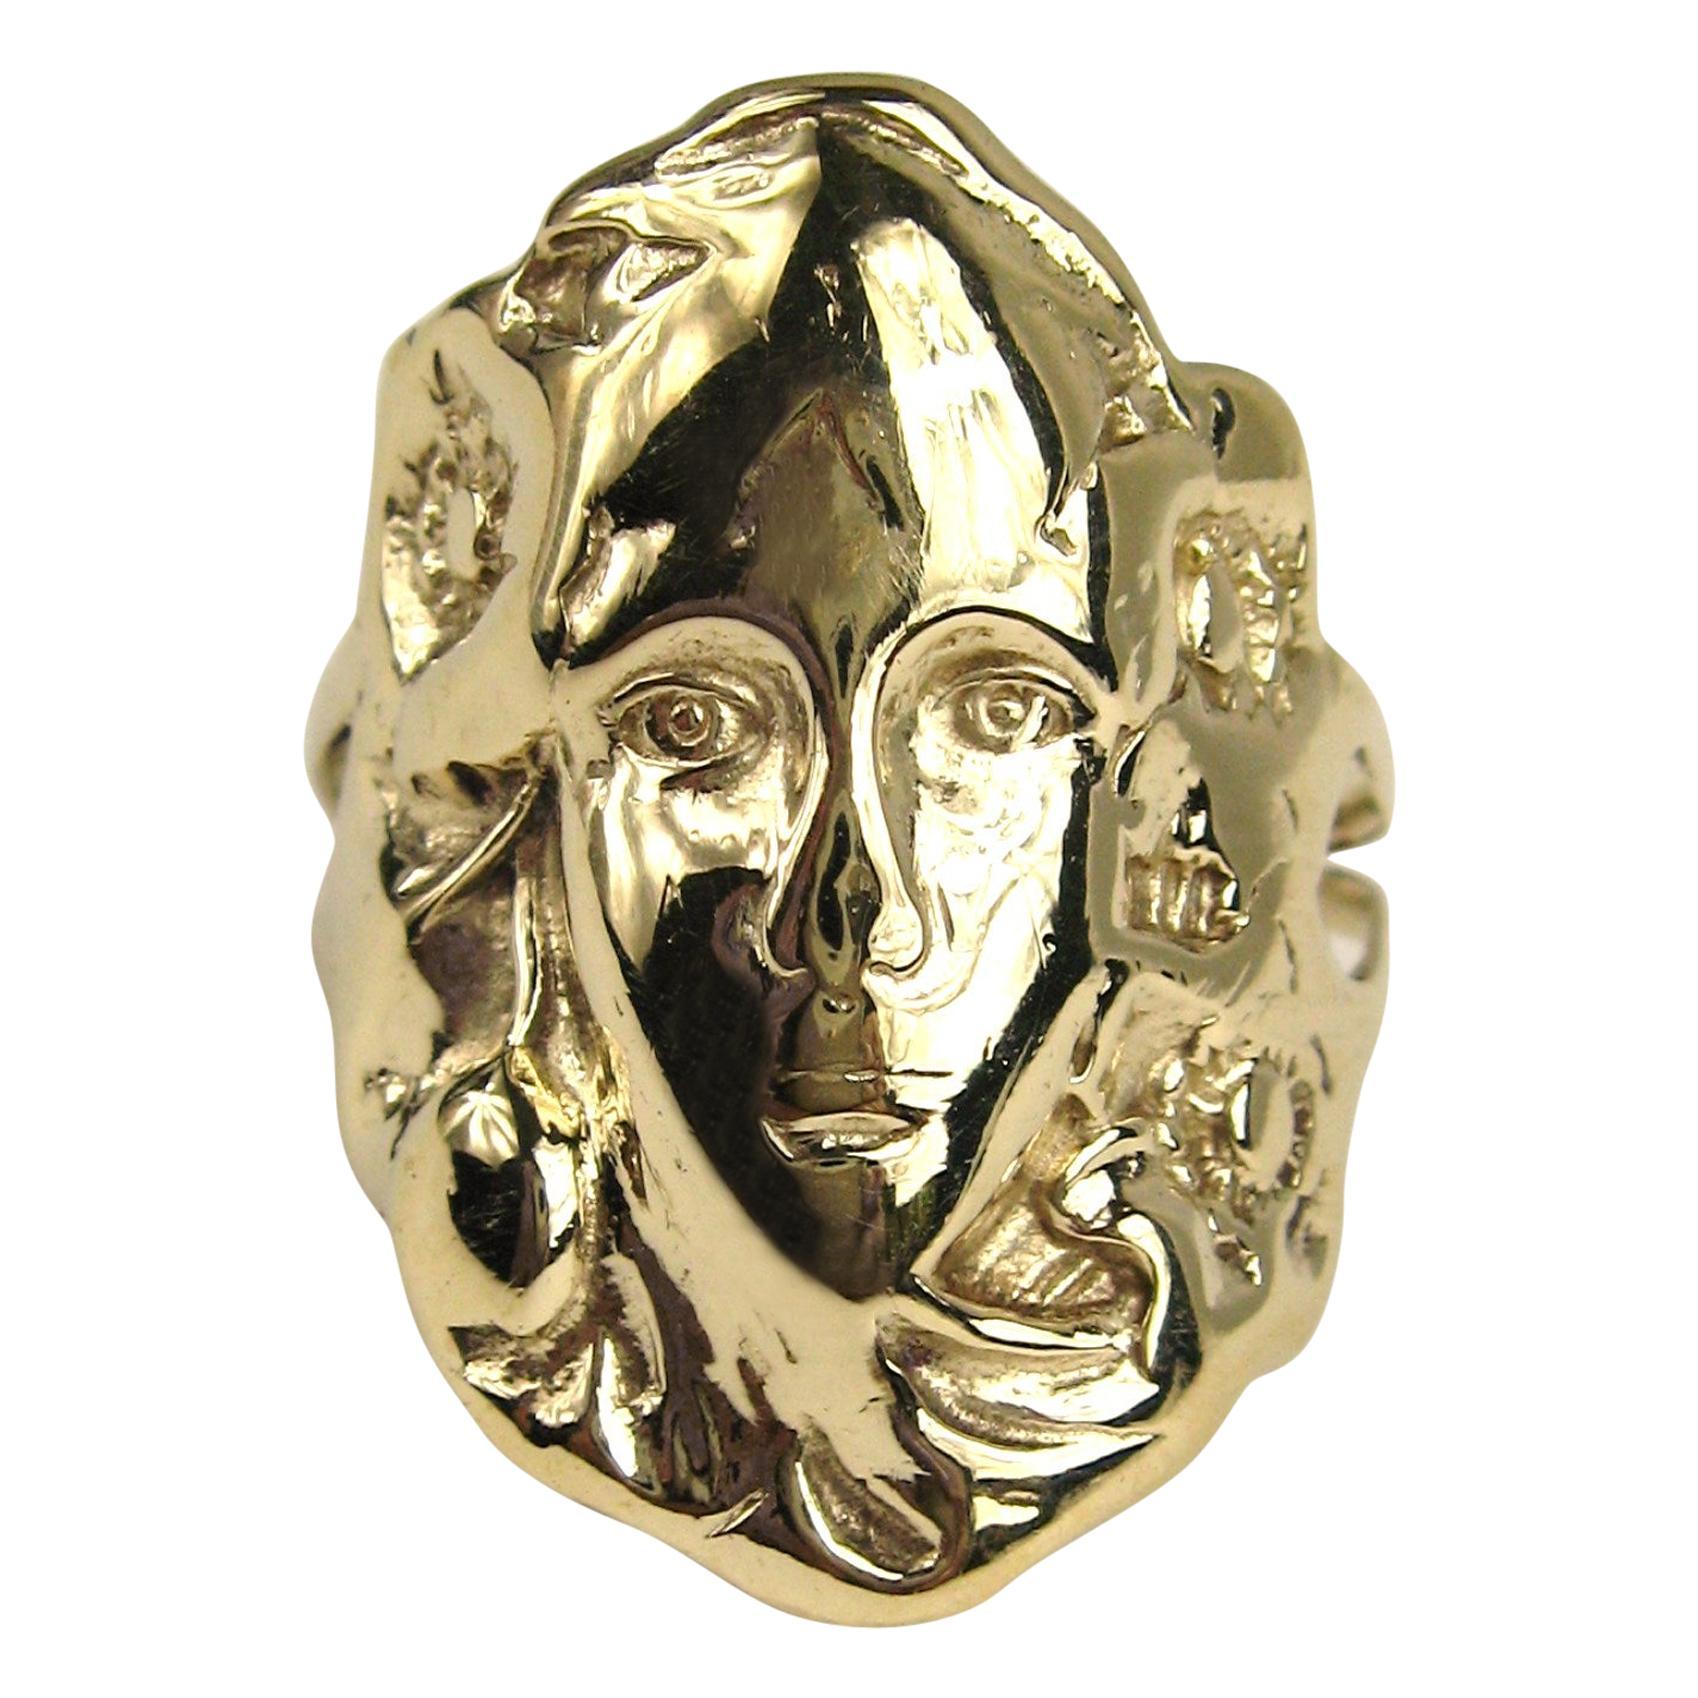 14 Karat Gold Woman's Face Portrait Ring